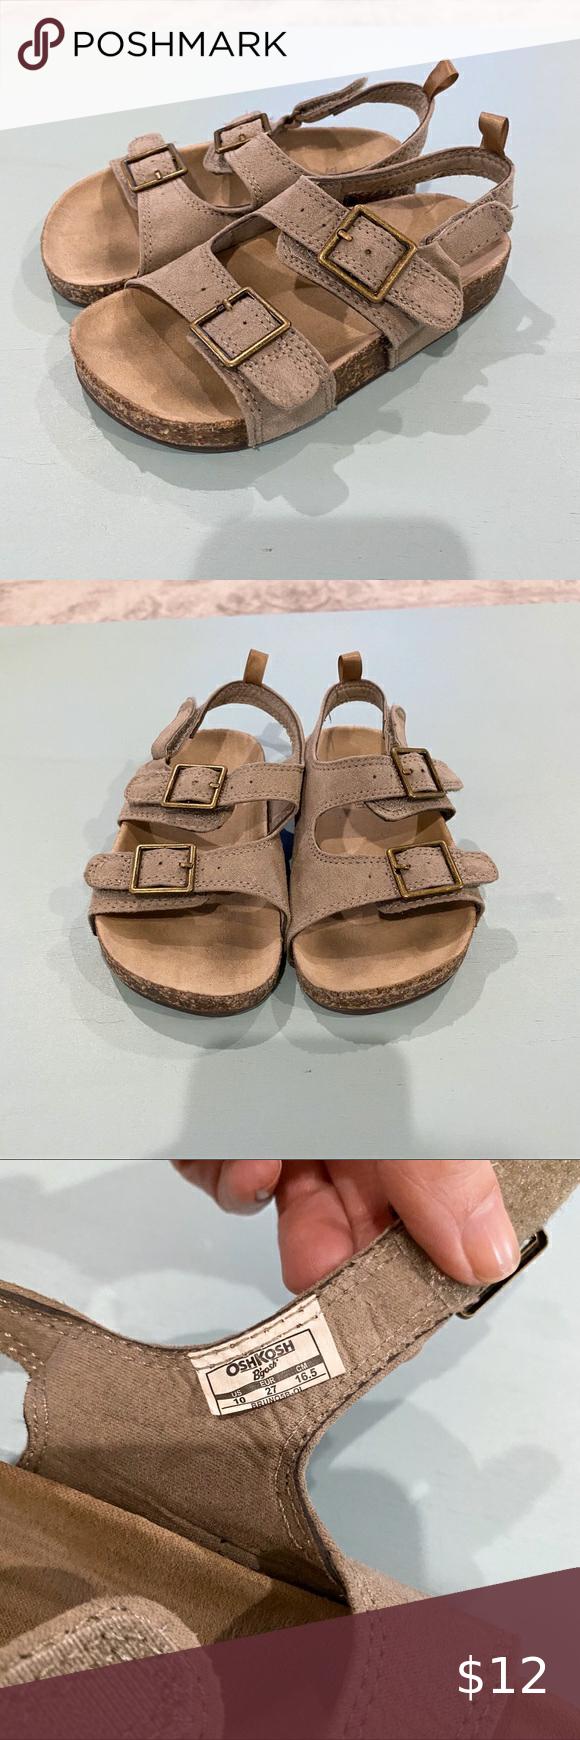 Boys OshKosh Sandals Size 10 in 2020 Oshkosh sandals